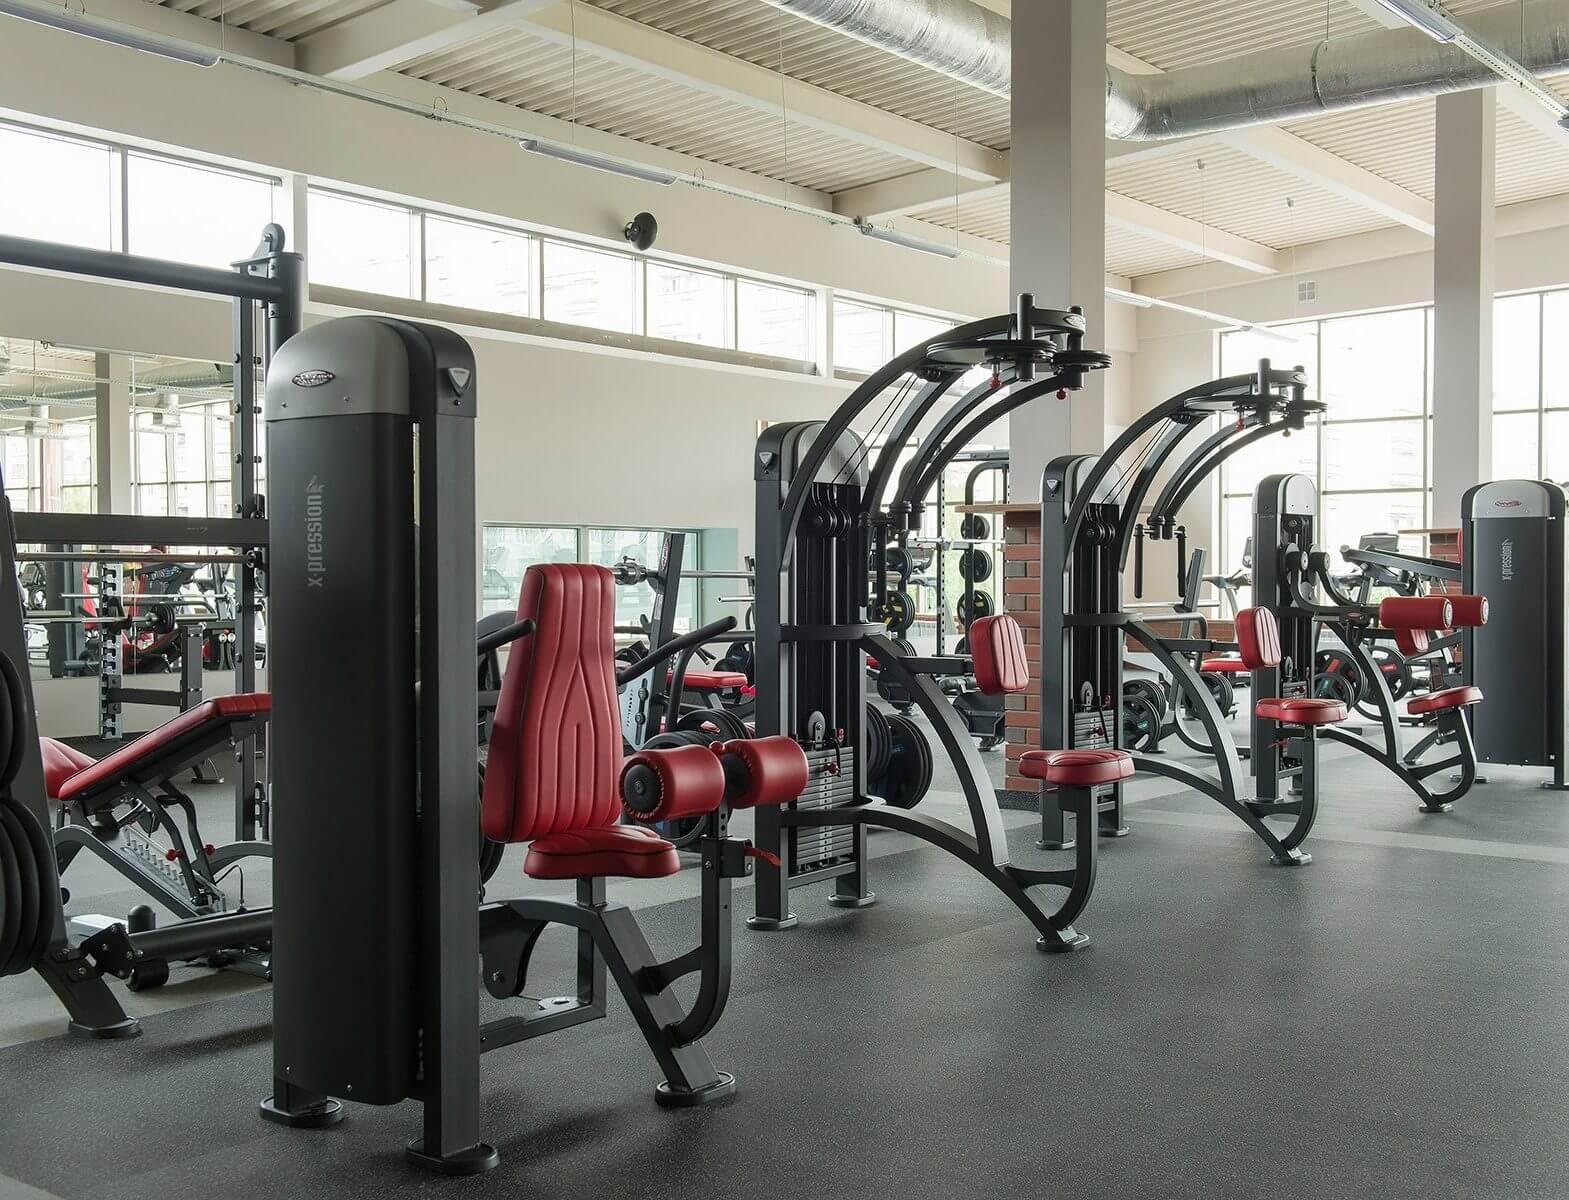 Galerie echipamente fitness 2015 - 10